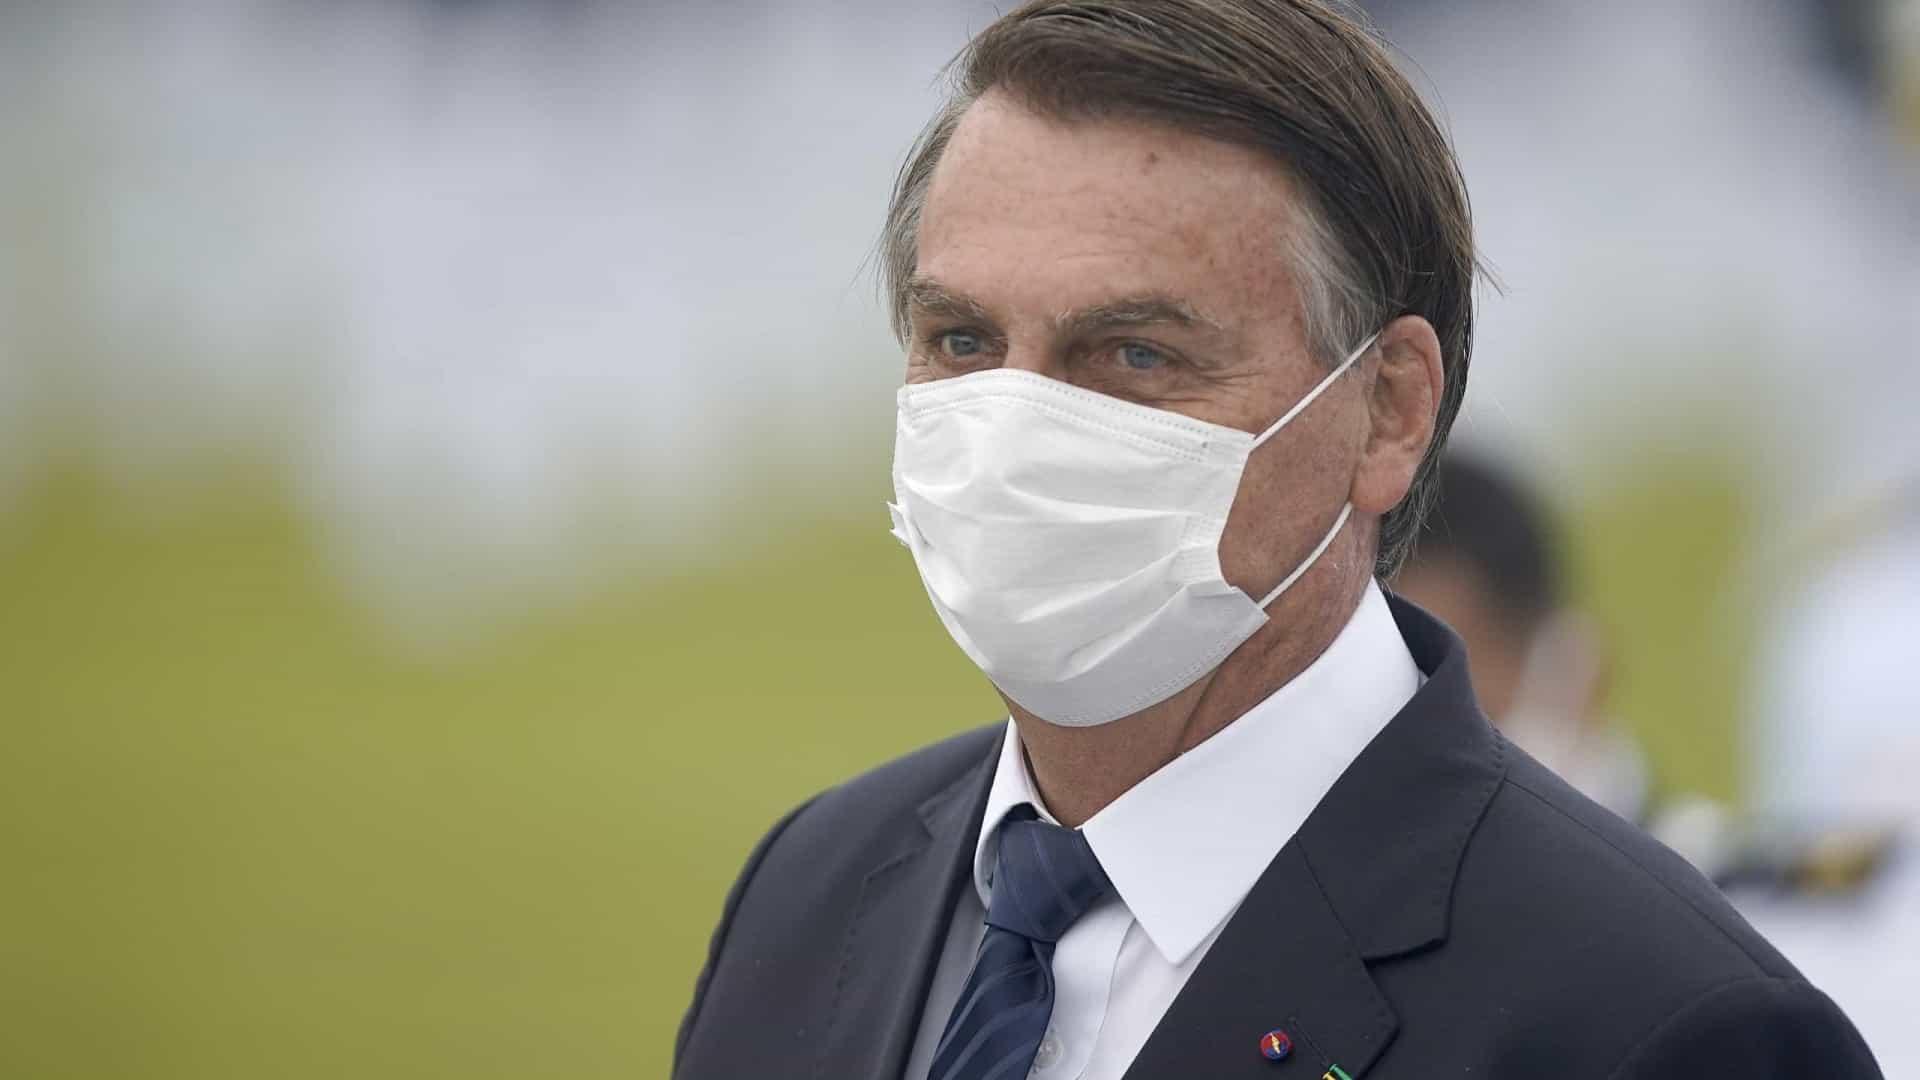 Planalto e Congresso mantêm clima tenso após falas golpistas de Bolsonaro sobre eleições